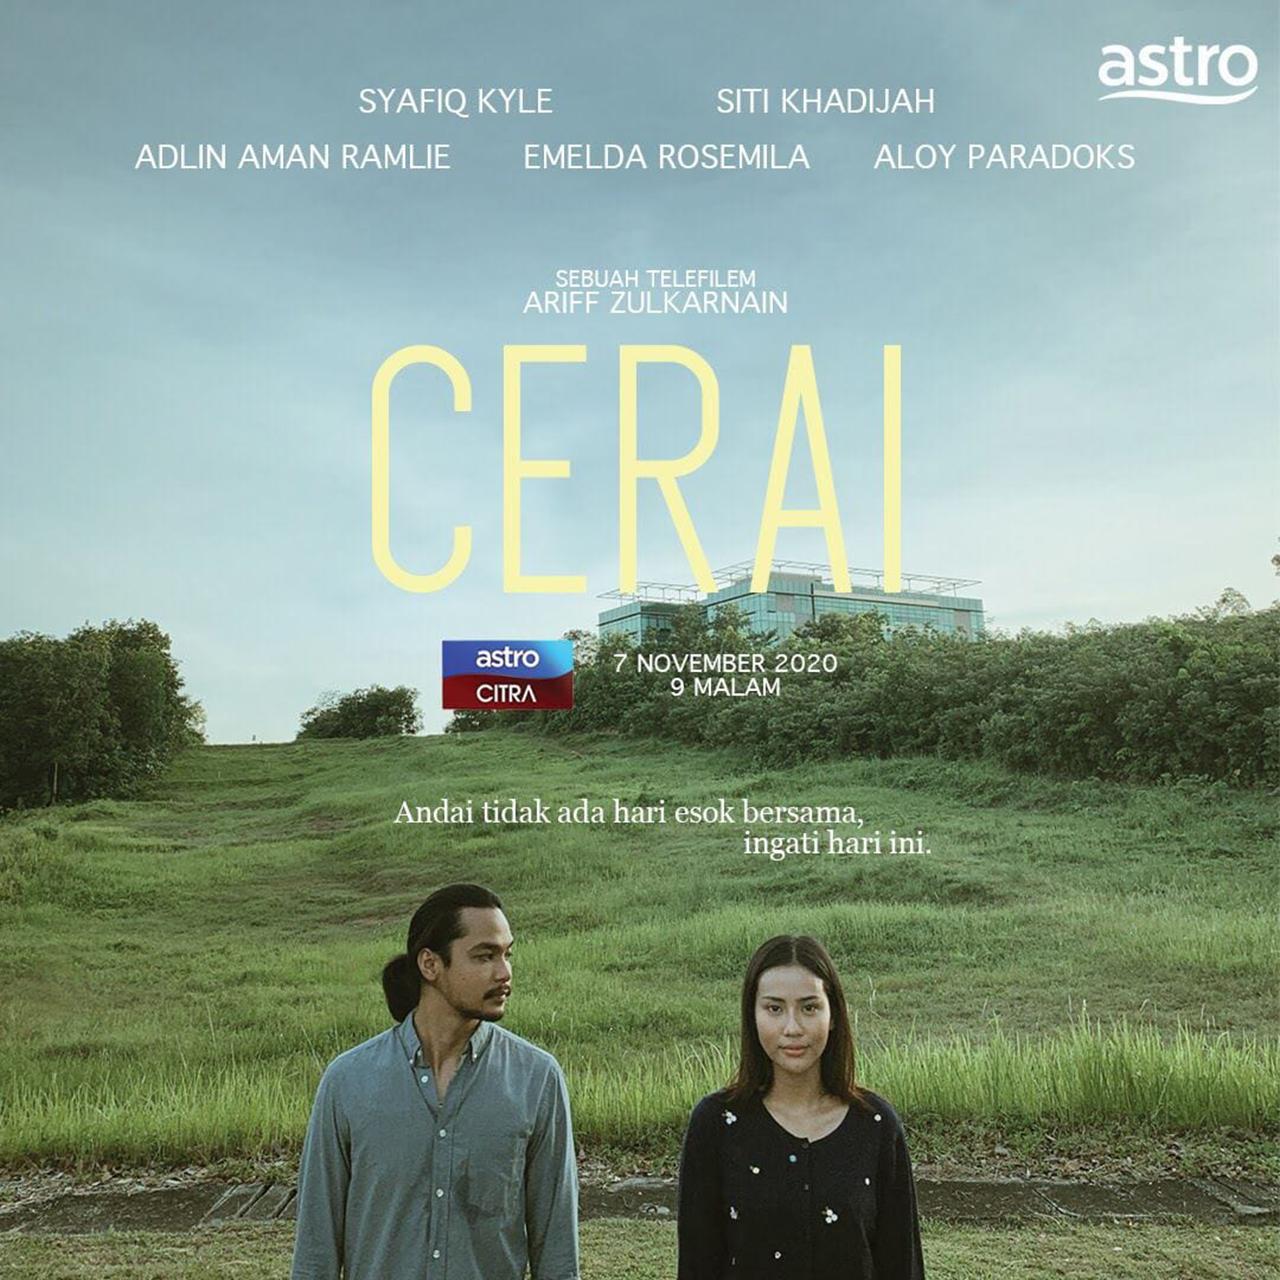 Telefilem 'Cerai' Lakonan Syafiq Kyle, Siti Khadijah, Emelda Rosmila dan Adlin Aman Ramlie